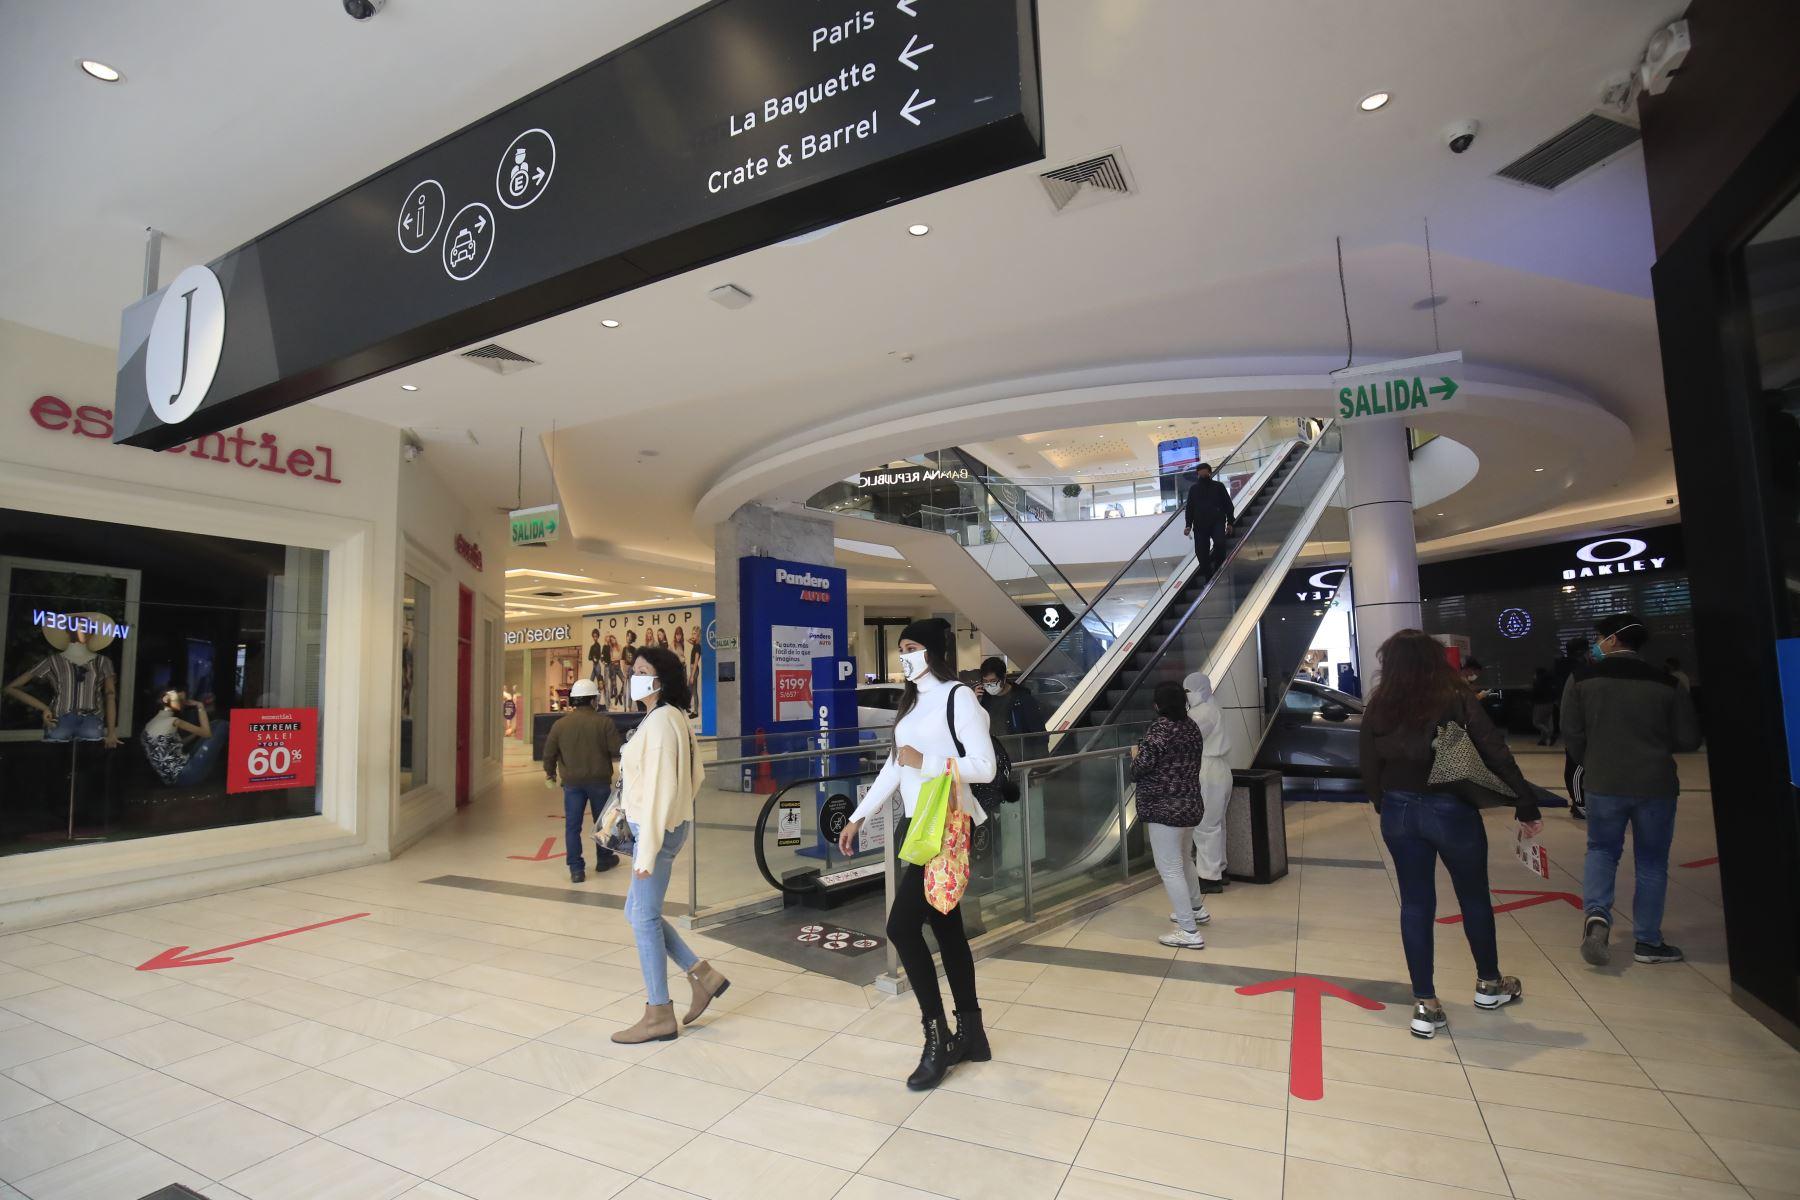 Coronavirus: conoce los aforos permitidos en centros comerciales